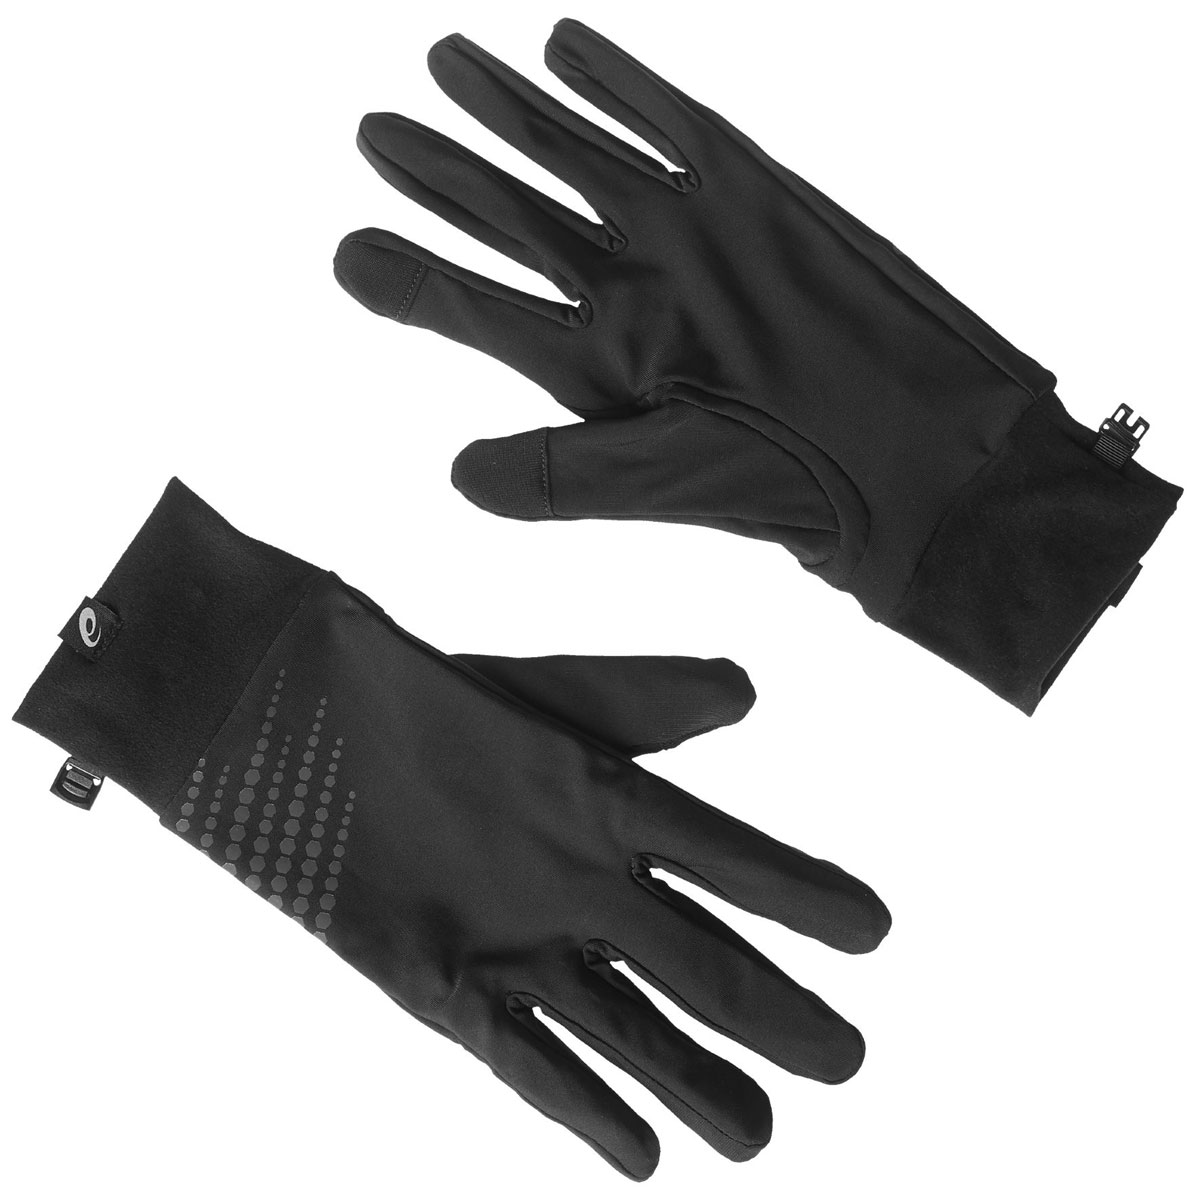 Перчатки для бега Asics Basic Performance Gloves, цвет: черный. 134927-0904. Размер S (8)134927-0904Спортивные перчатки для бега Asics выполнены из полиамида и эластана, комфортных при носке. Снаружи модель оформлена оригинальным принтом и нашивкой с изображением логотипа бренда. Манжет надежно зафиксирует модель на запястье, не сдавливая его. Также перчатки оснащены застежкой-фастексом.